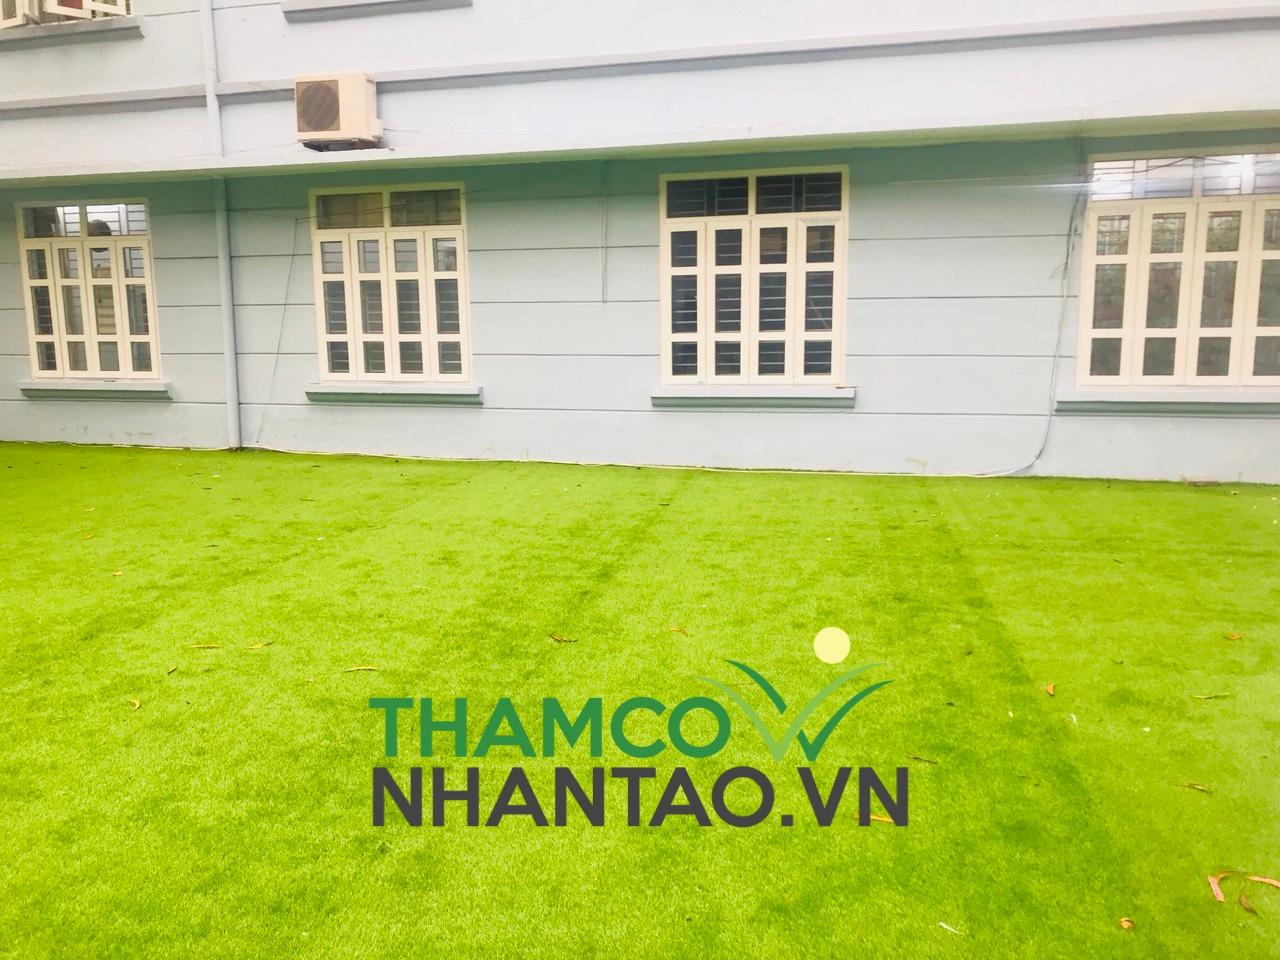 Một vài hình ảnh của dự án sân vườn trường tiểu học Thanh Lương quận Hai Bà Trưng, Hà Nội: 2